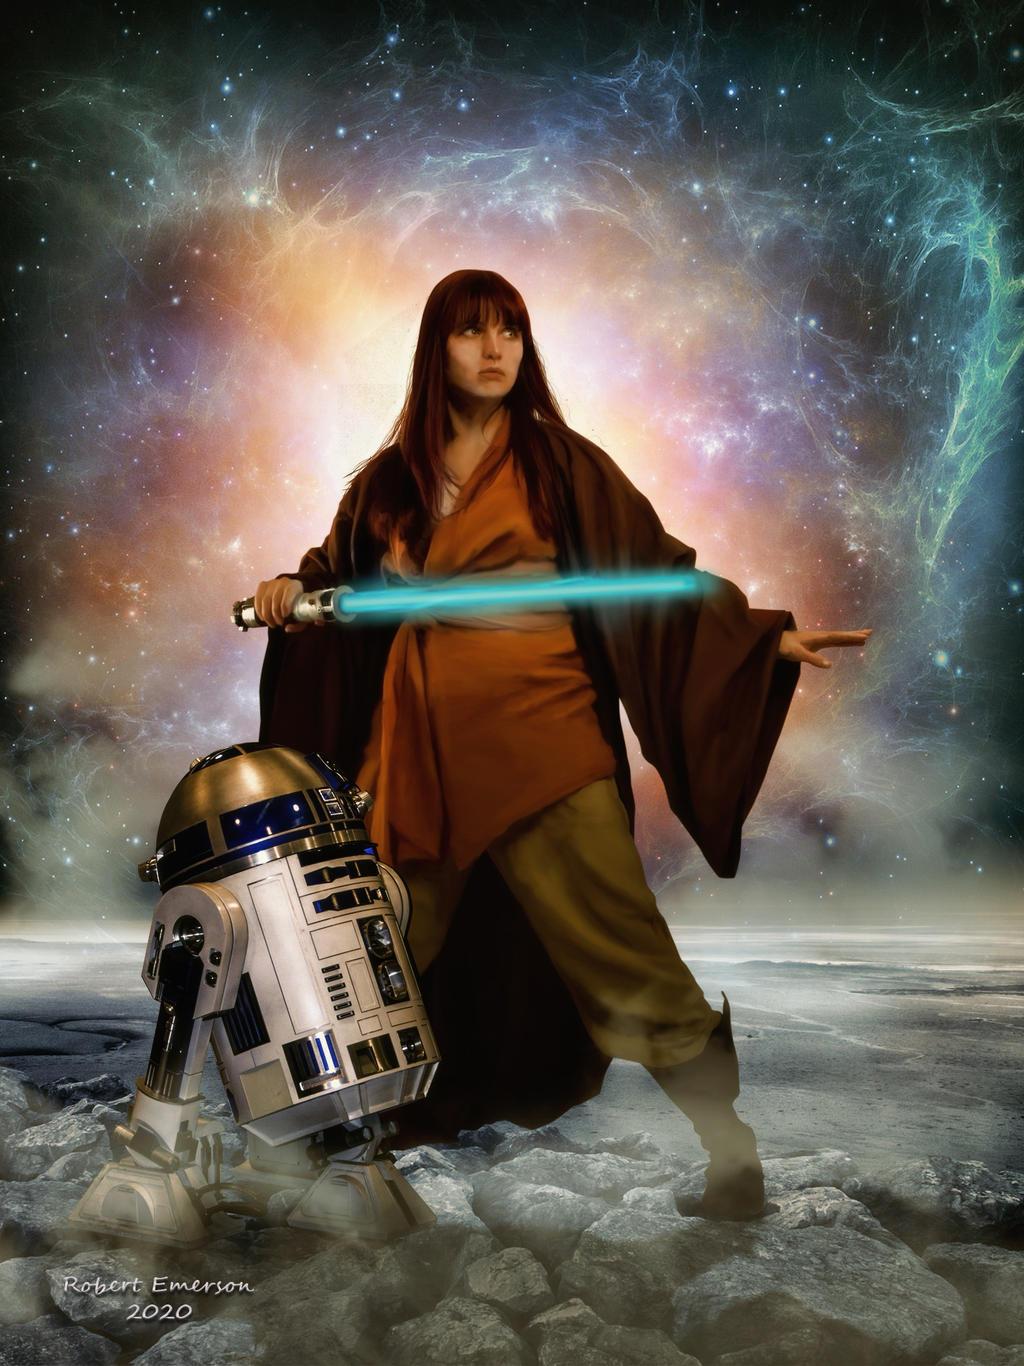 The last Jedi's second cousin